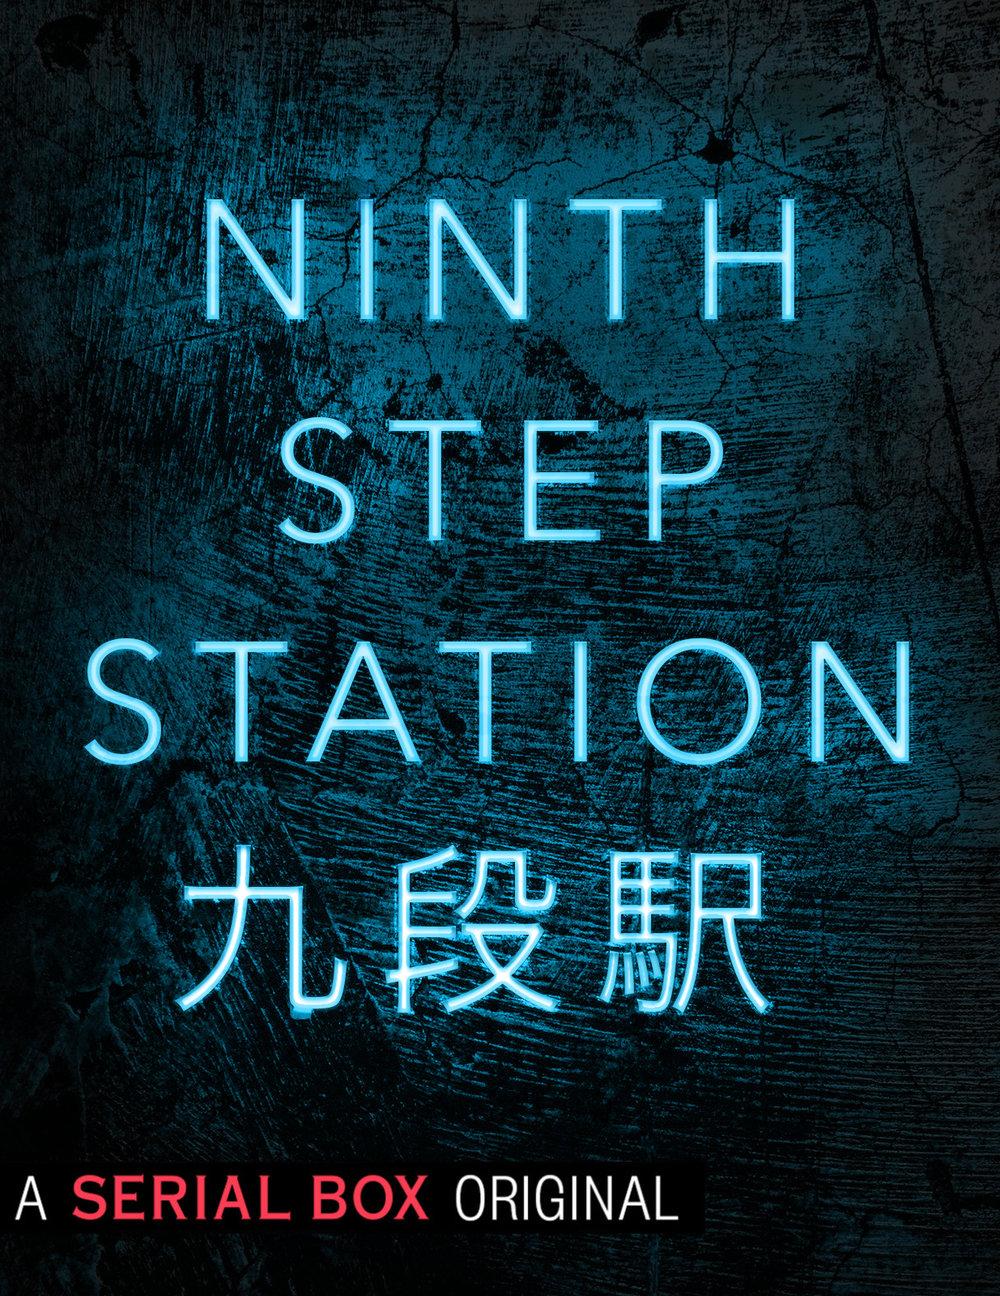 Ninth Step Station_Serial Box.jpg